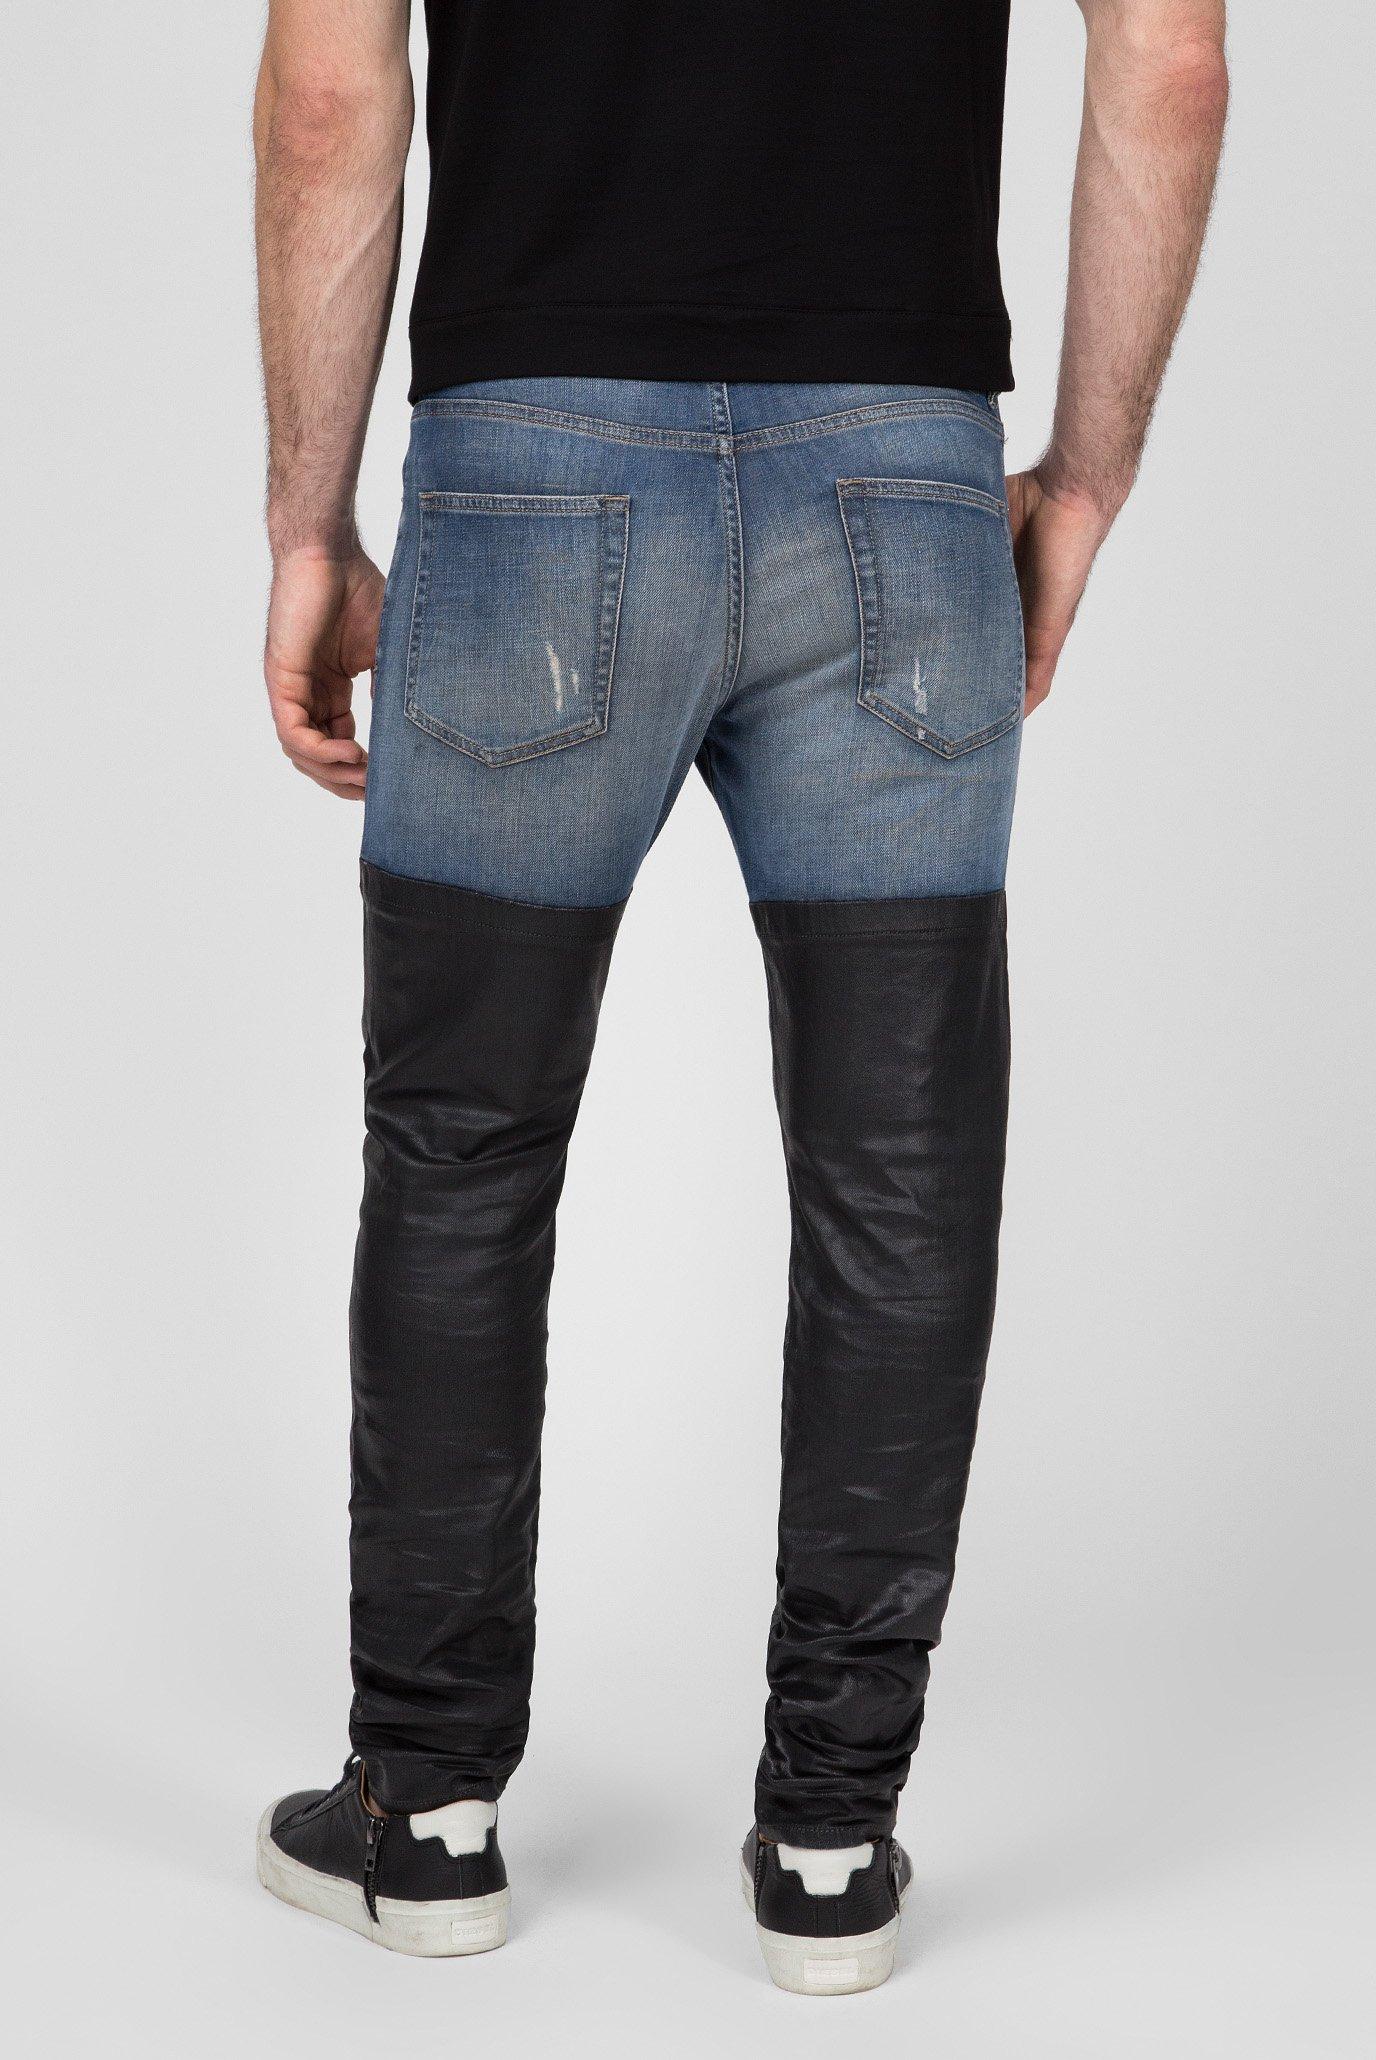 Купить Мужские джинсы D-STRUKT-G Diesel Diesel 00SR5H 087AP – Киев, Украина. Цены в интернет магазине MD Fashion